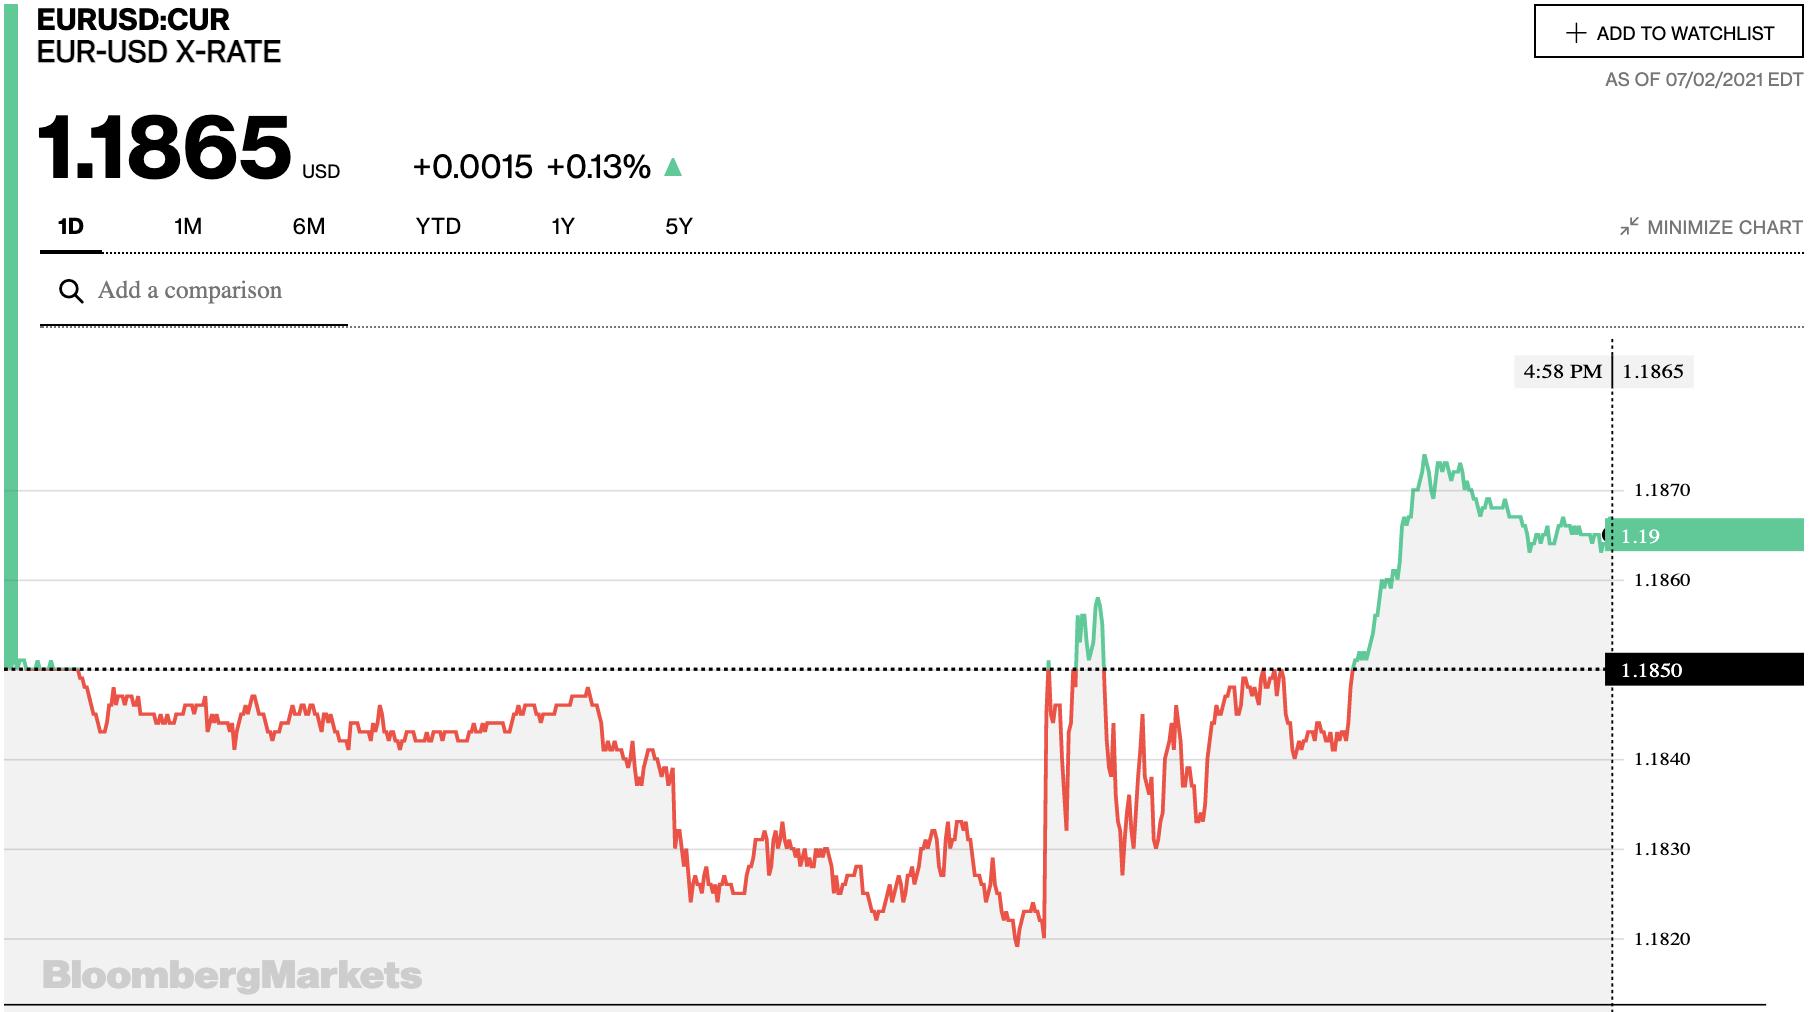 Tỷ giá euro hôm nay 3/7: Tiếp tục giảm đồng loạt tại các ngân hàng trong nước - Ảnh 2.